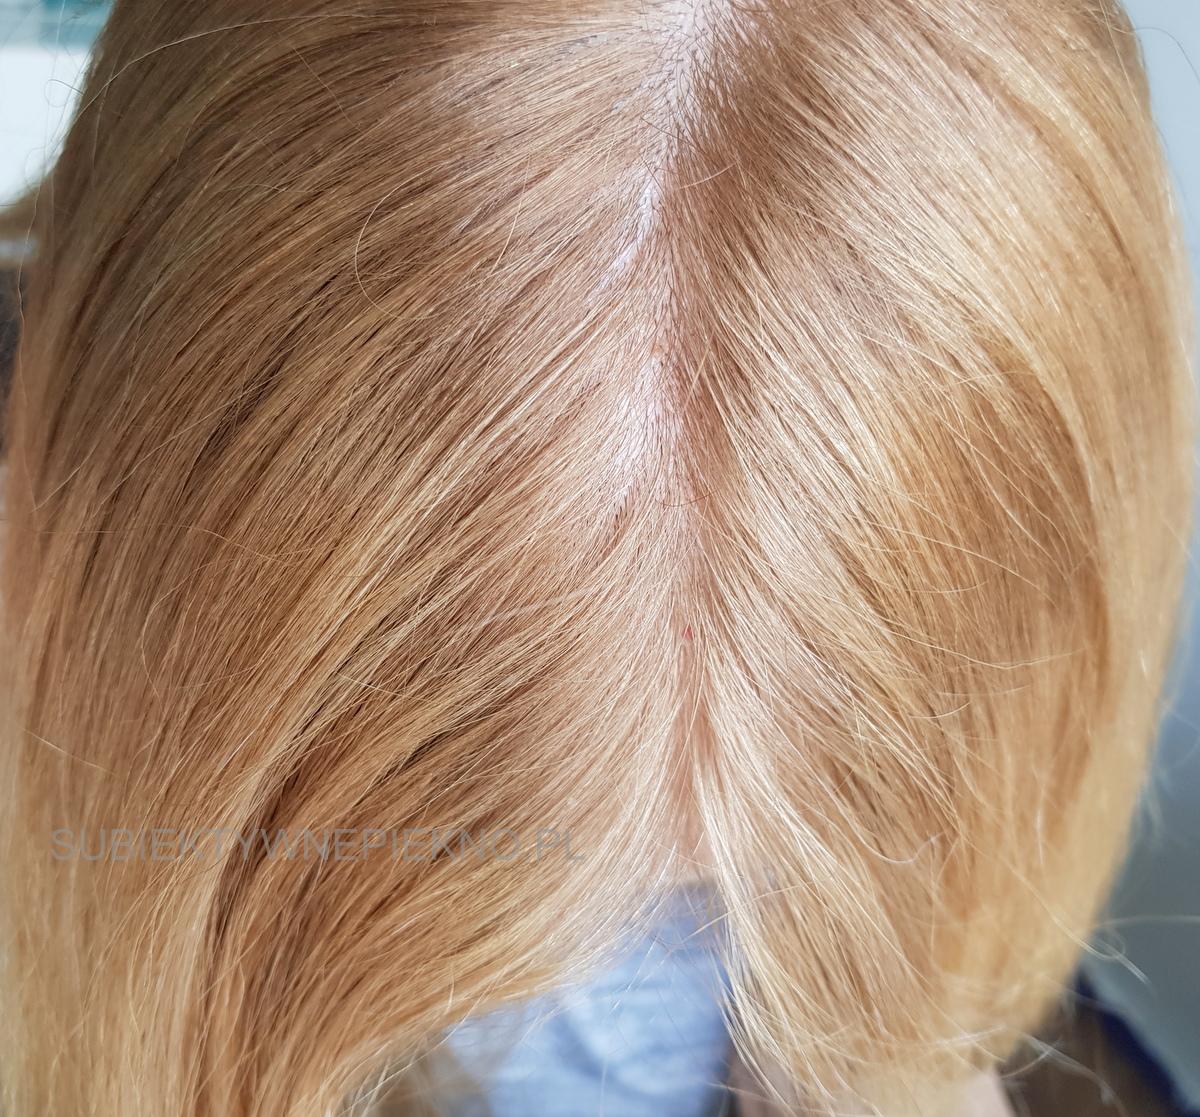 Schwarzkopf Pure Color 10.21 Baby Blond -efekty farbowania na włosach ciemny blond